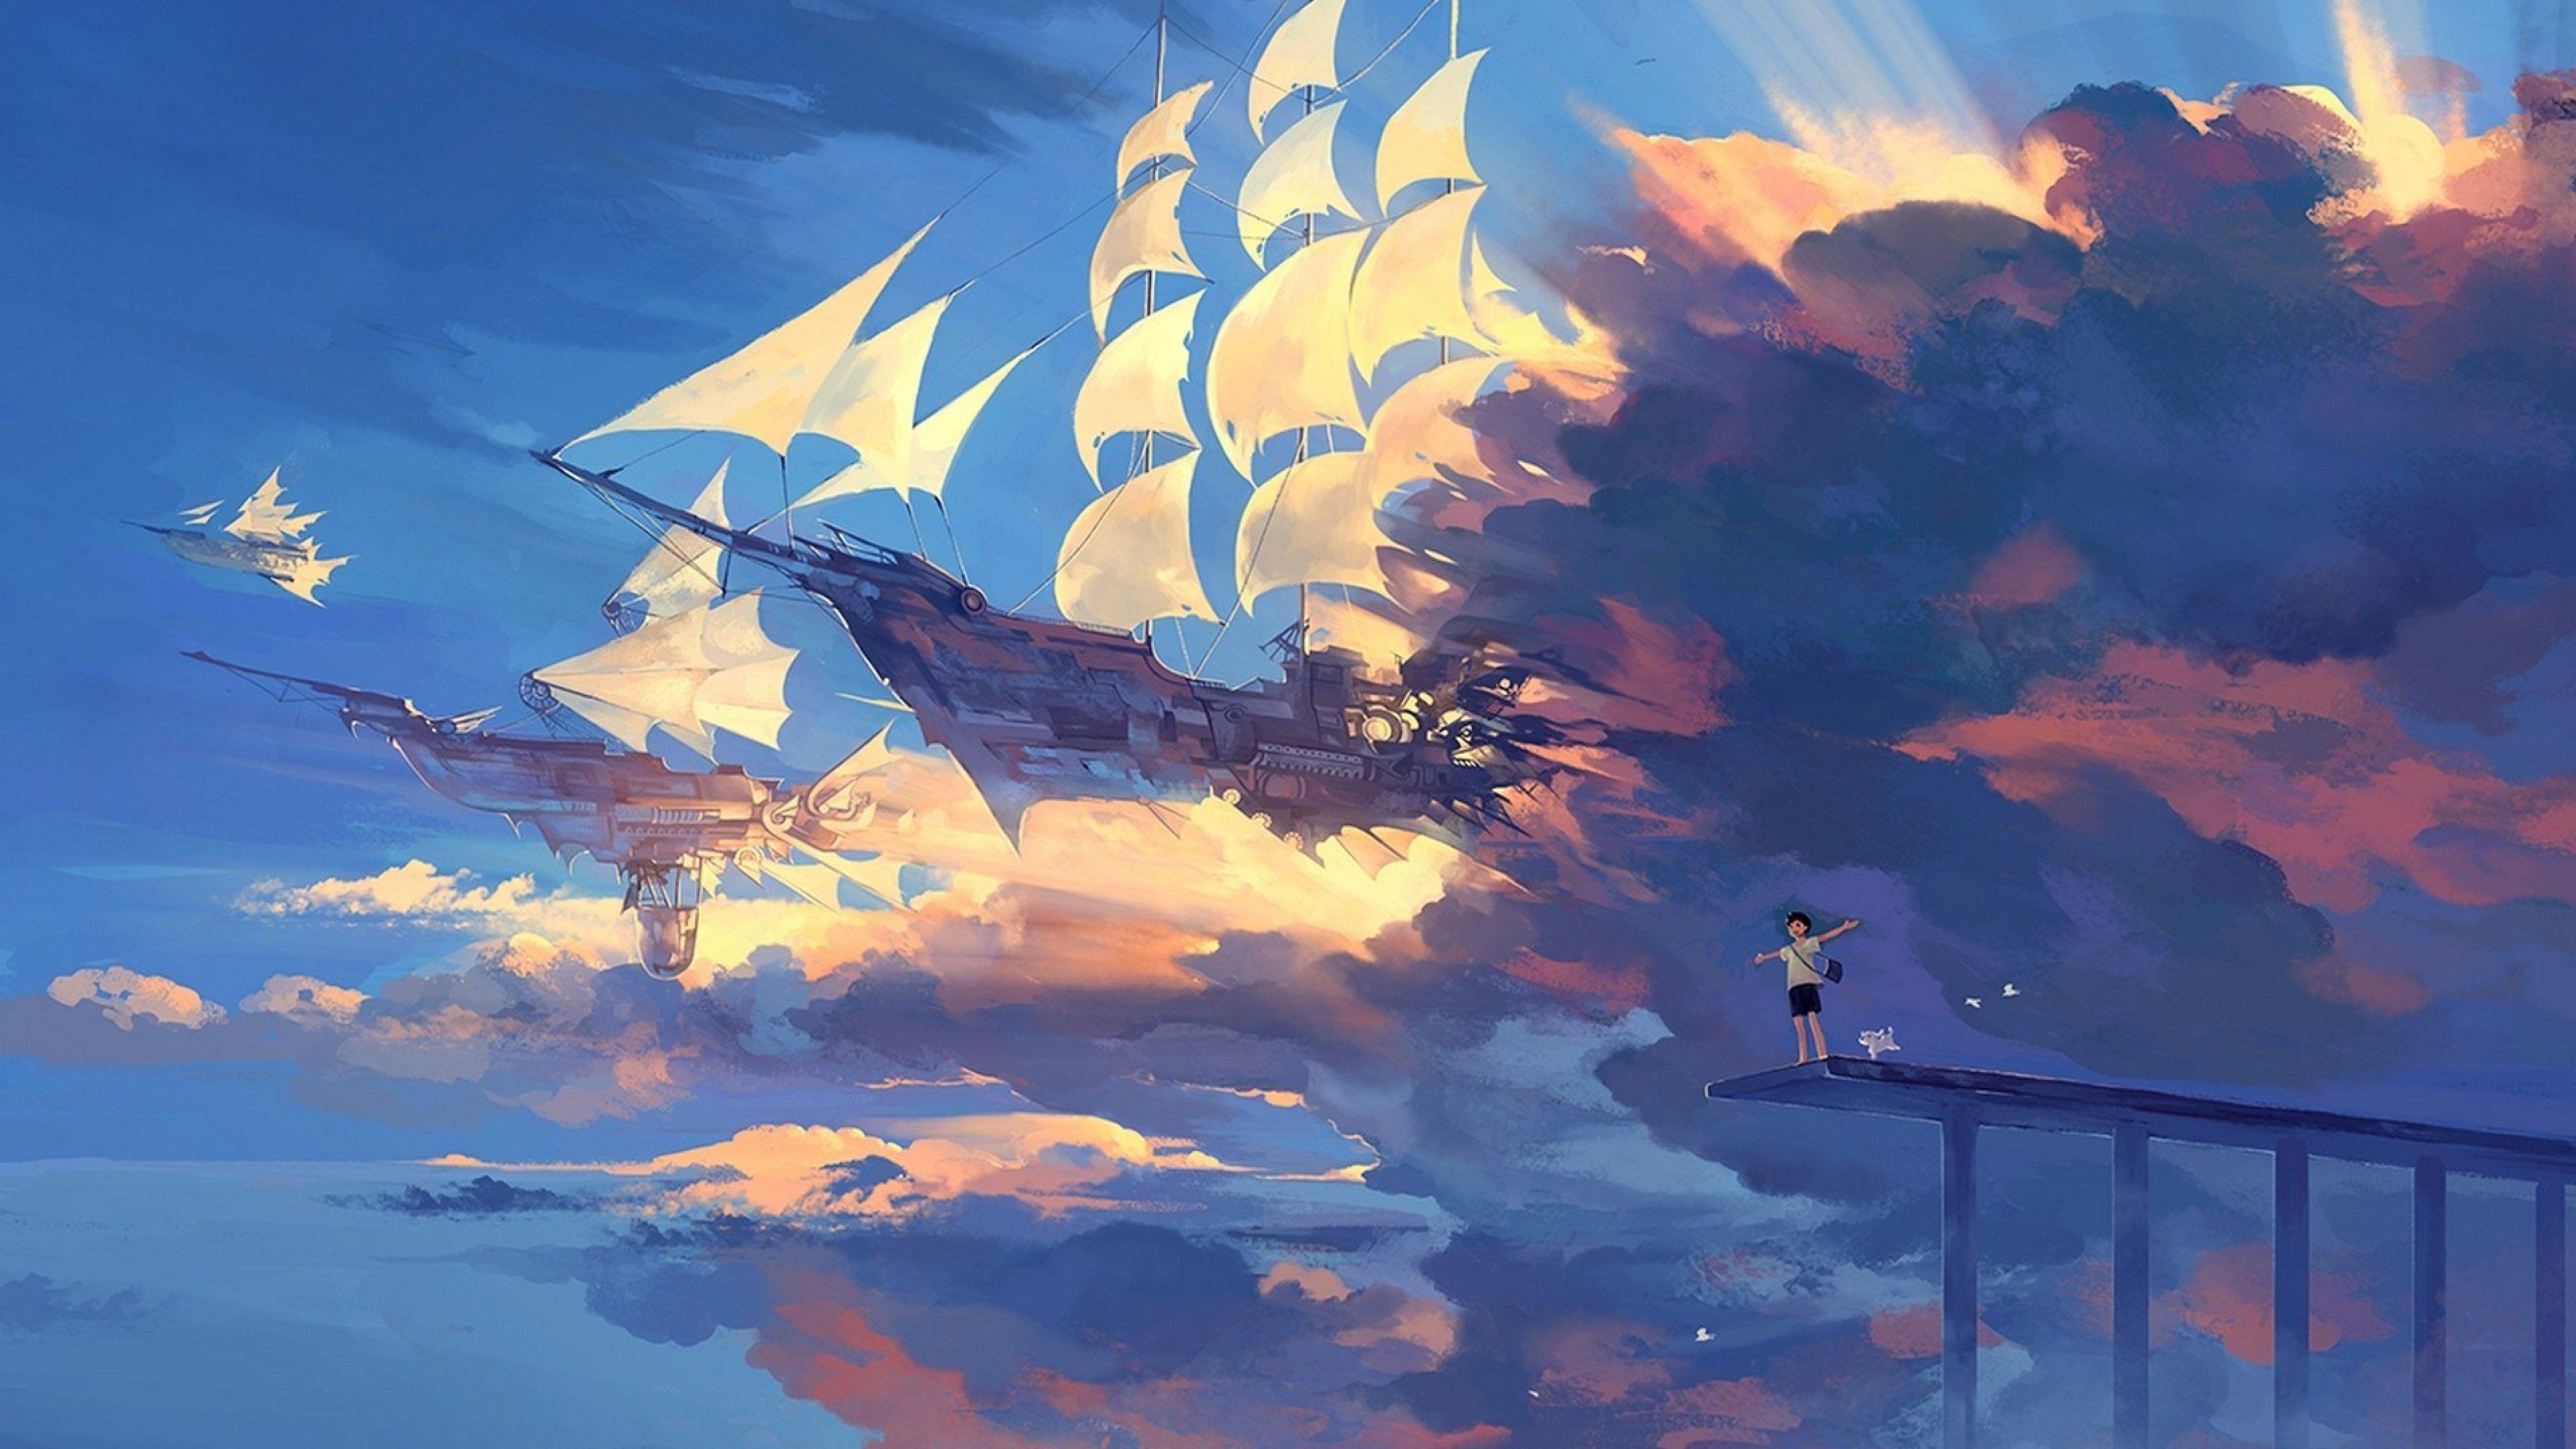 Anime Scenery Wallpaper Anime scenery wallpaper, Anime